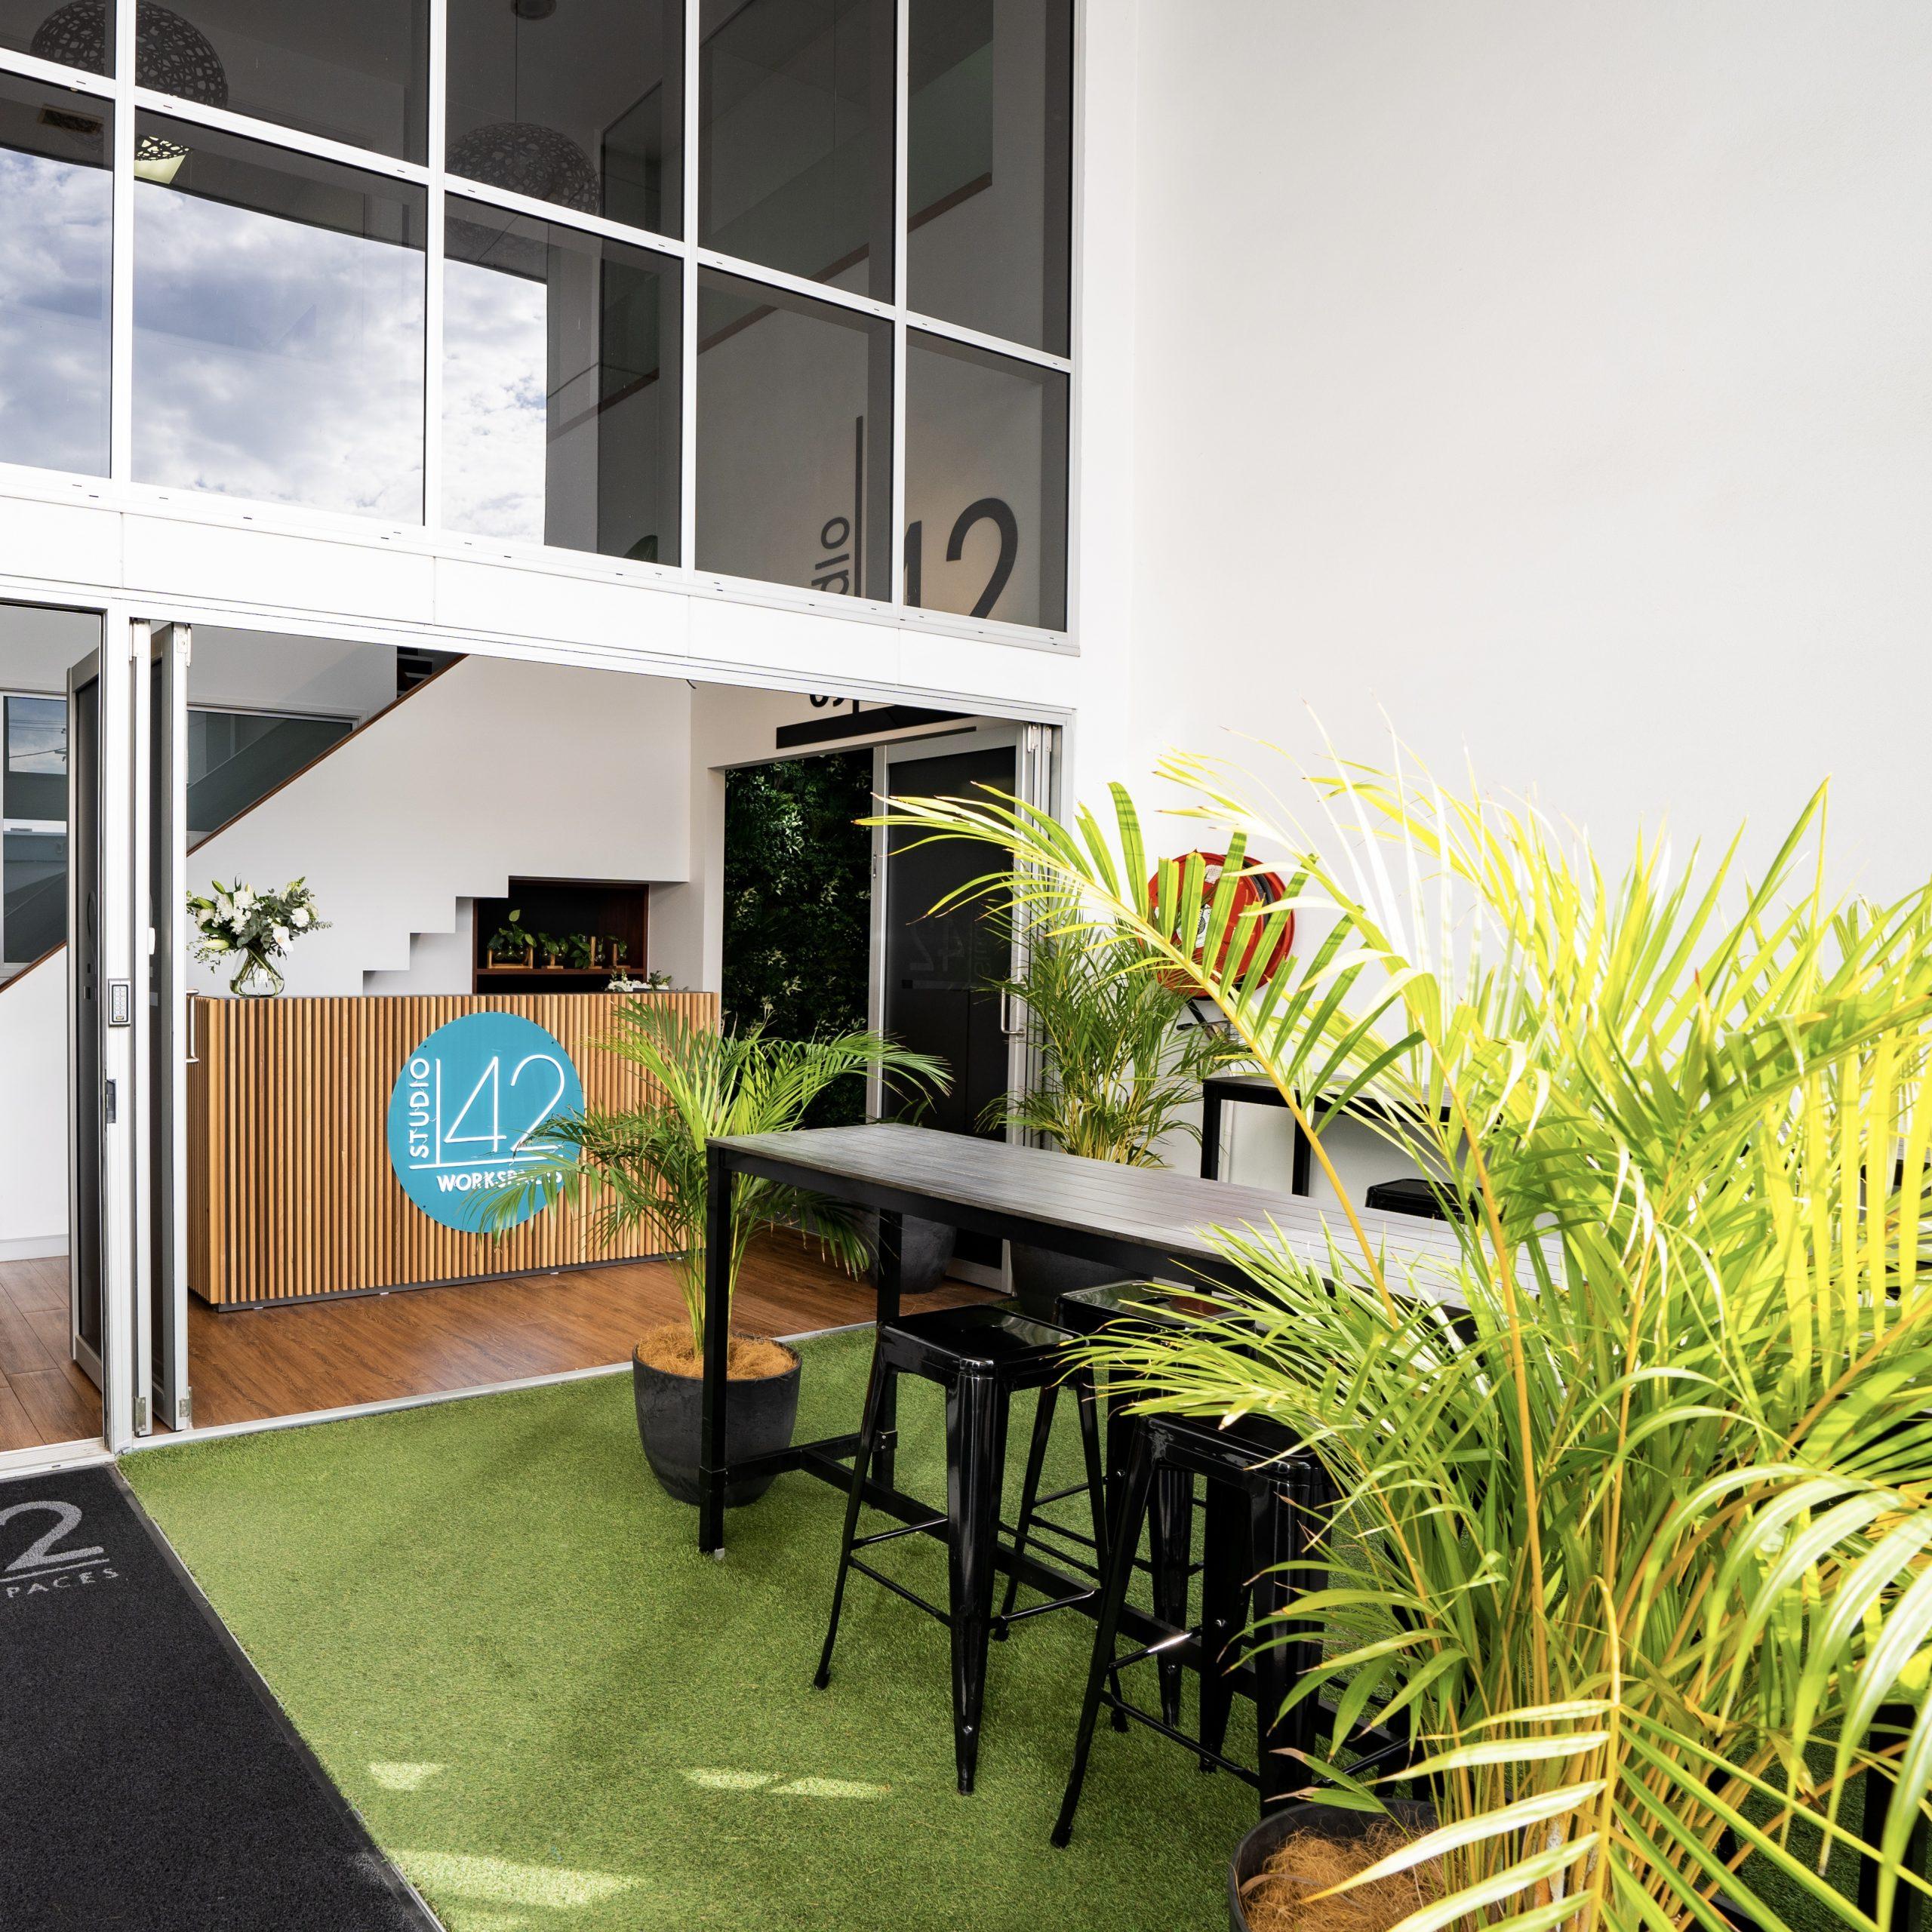 Virtual Office Brisbane Studio 42 Workspaces